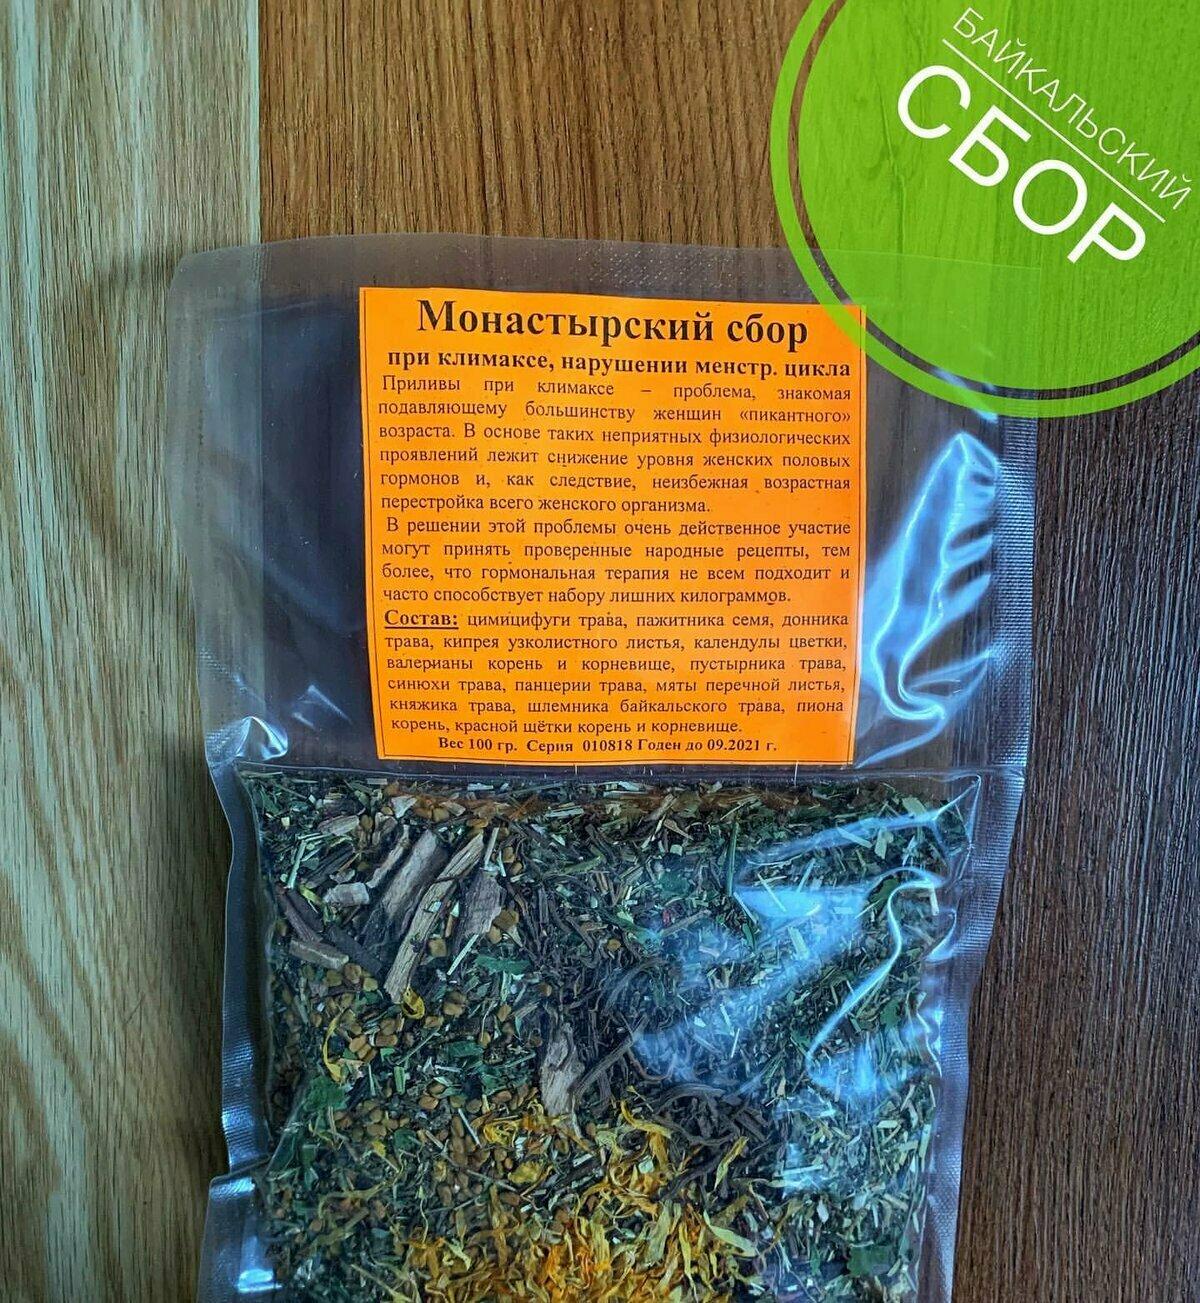 Монастырский чай при климаксе в Керчи